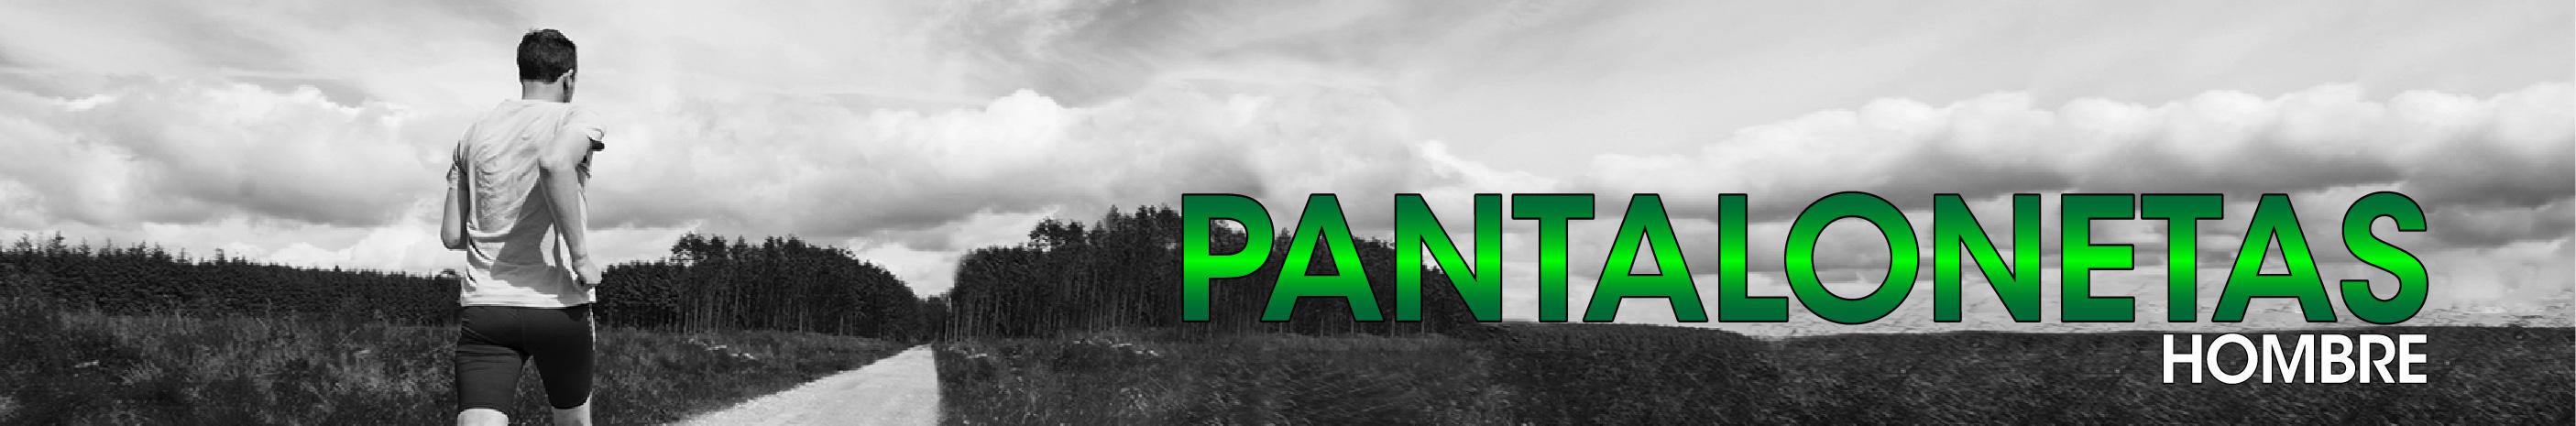 H-Pantalonetas